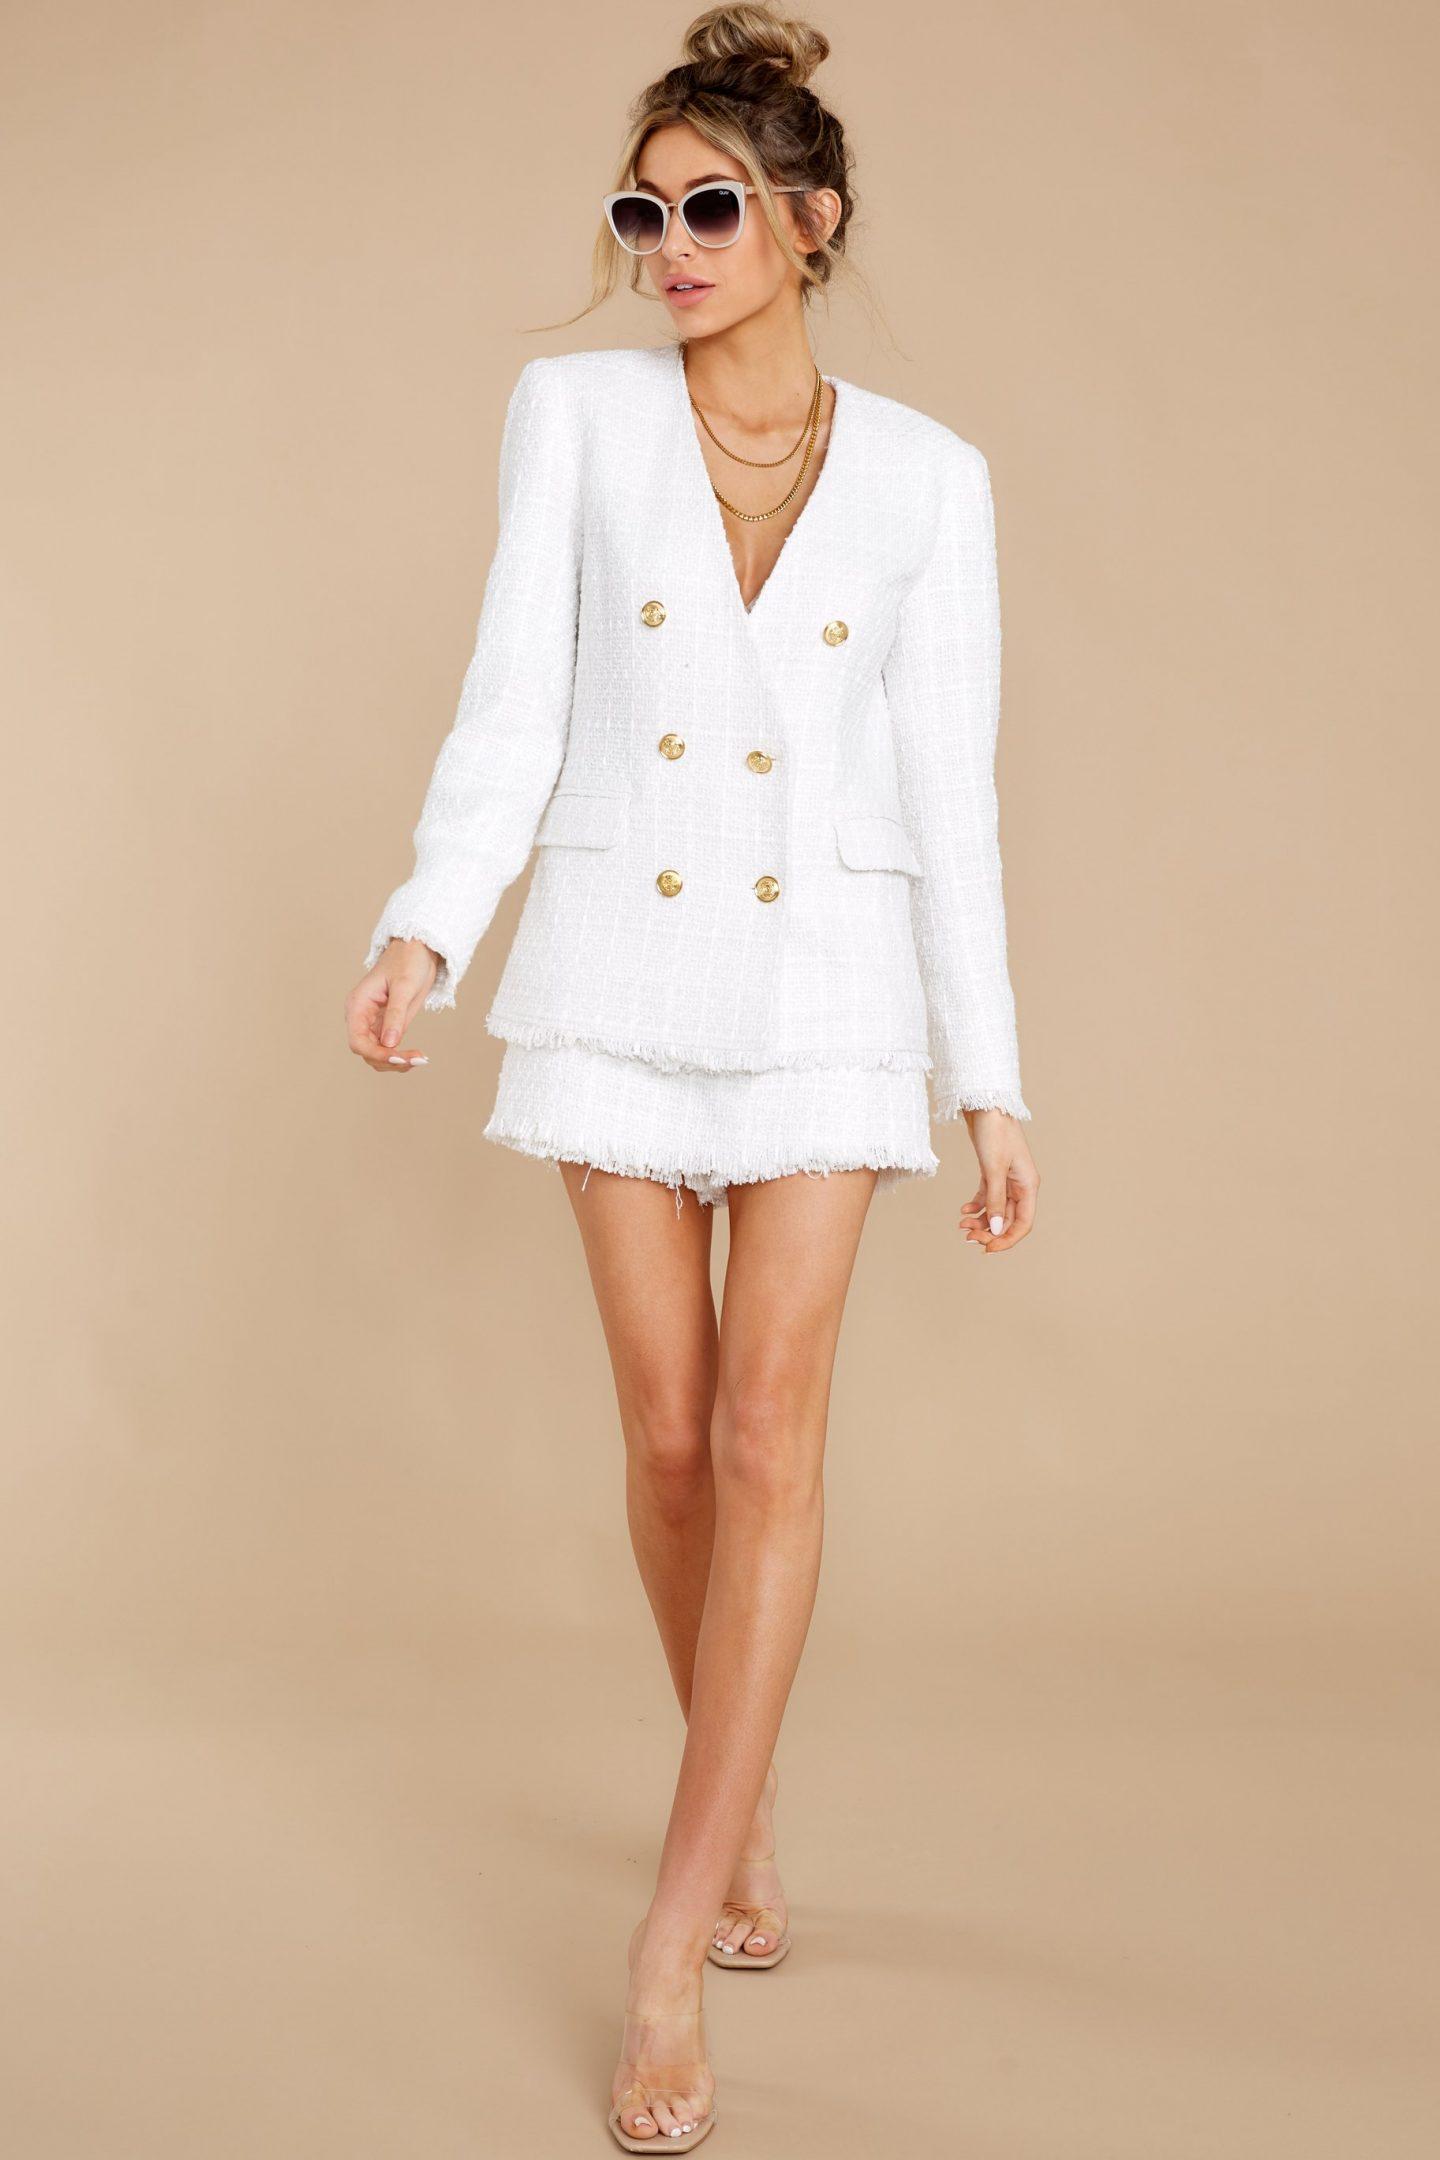 Matching white blazer and skirt